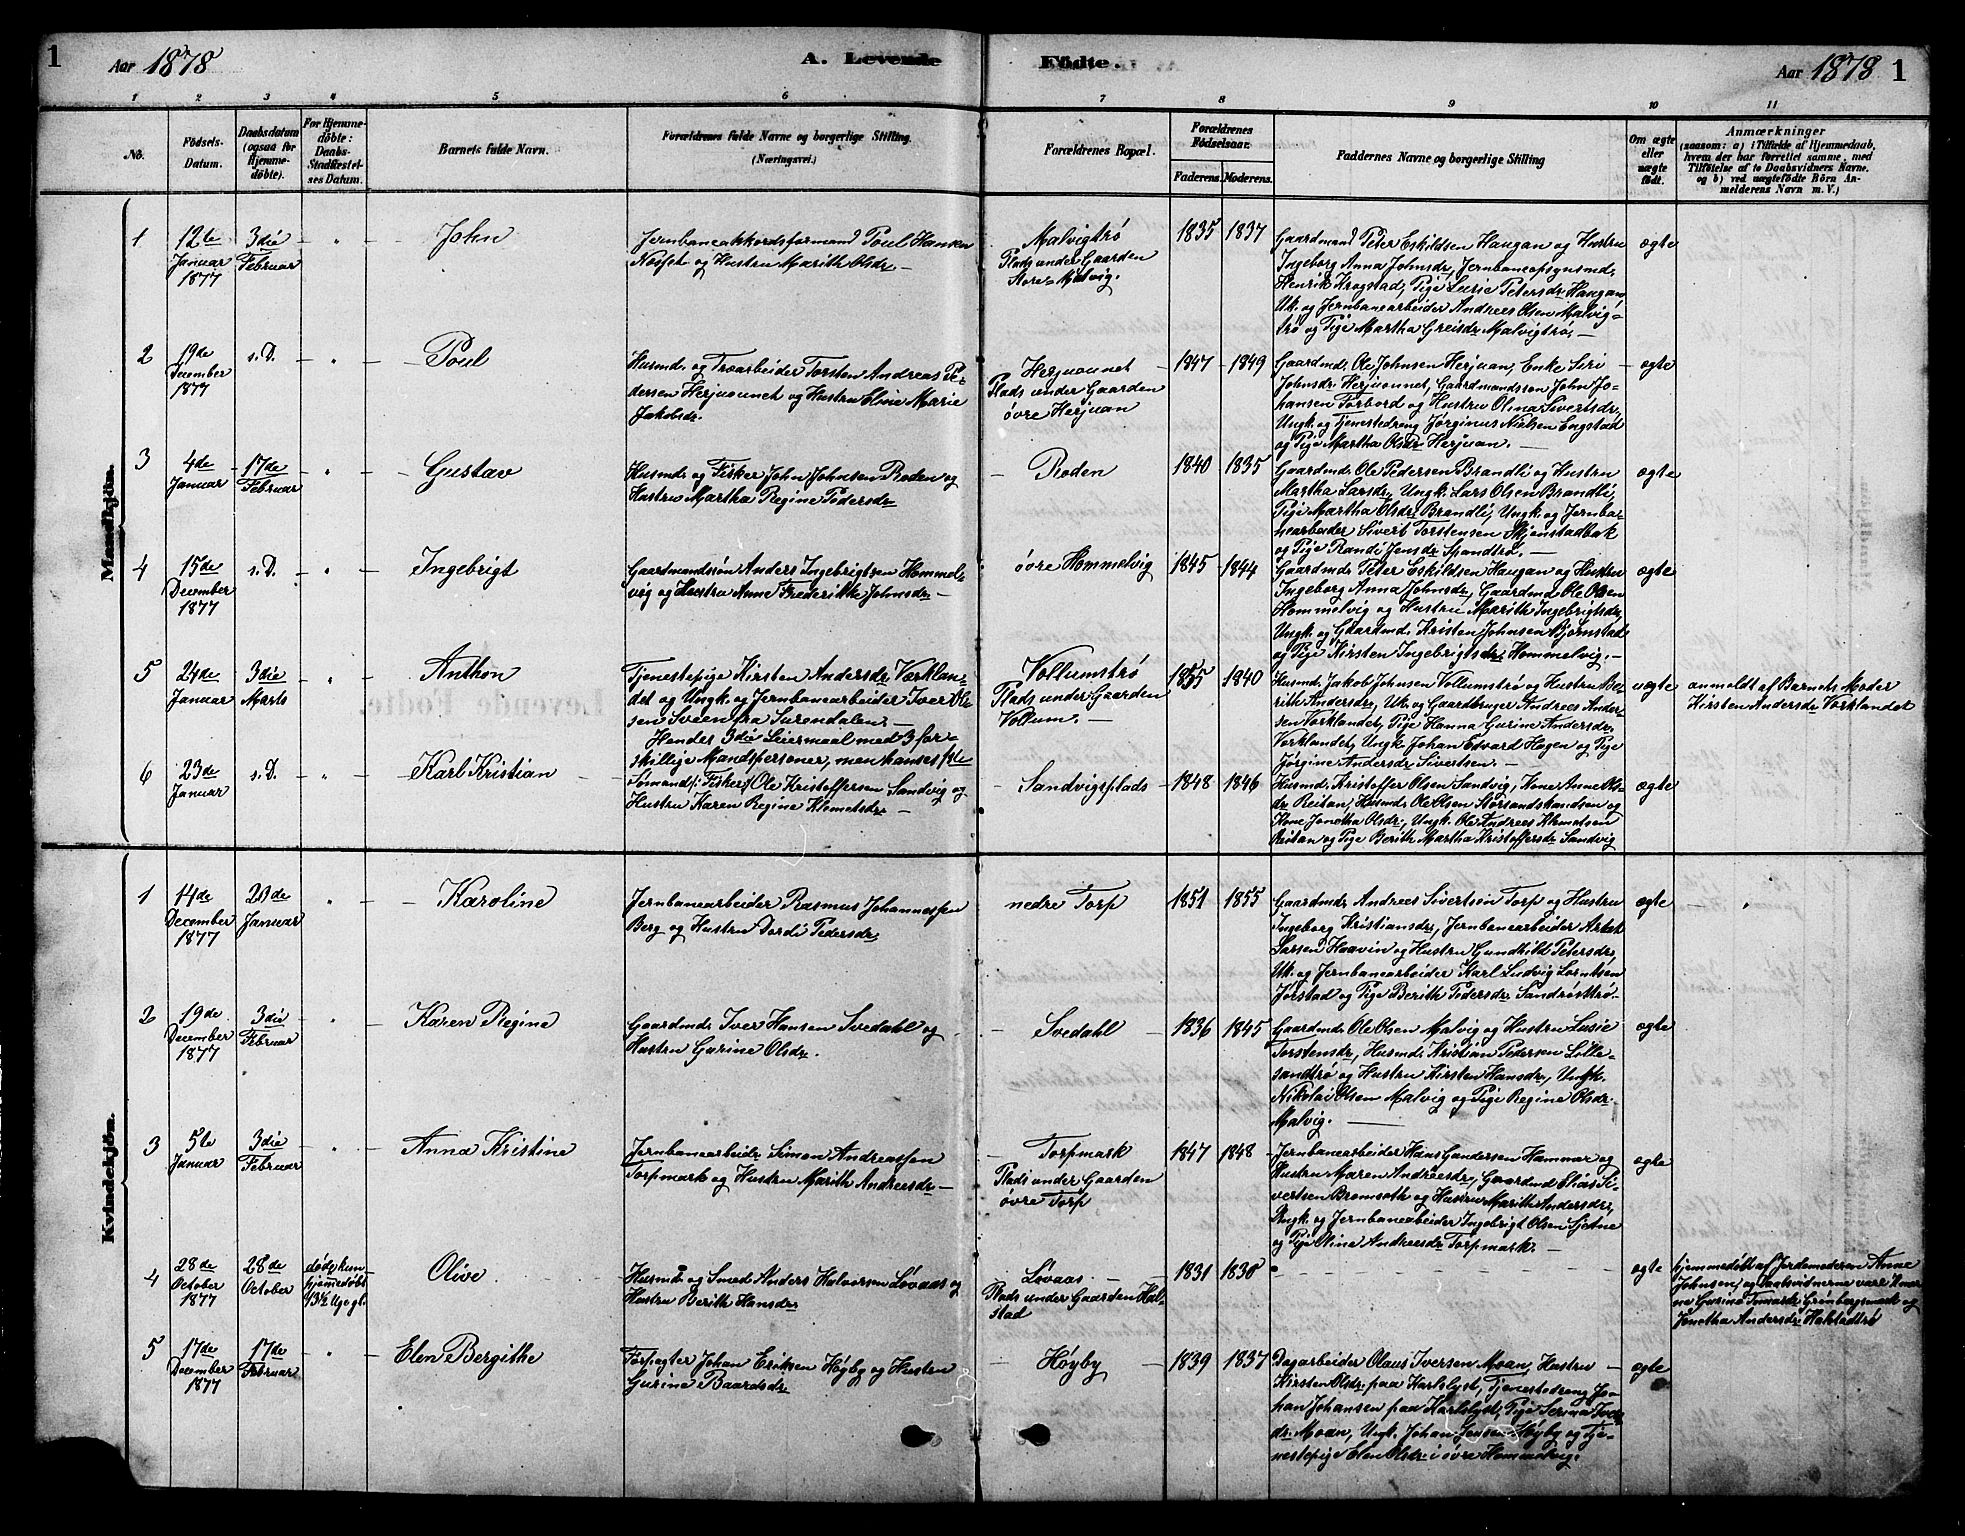 SAT, Ministerialprotokoller, klokkerbøker og fødselsregistre - Sør-Trøndelag, 616/L0423: Klokkerbok nr. 616C06, 1878-1903, s. 1a